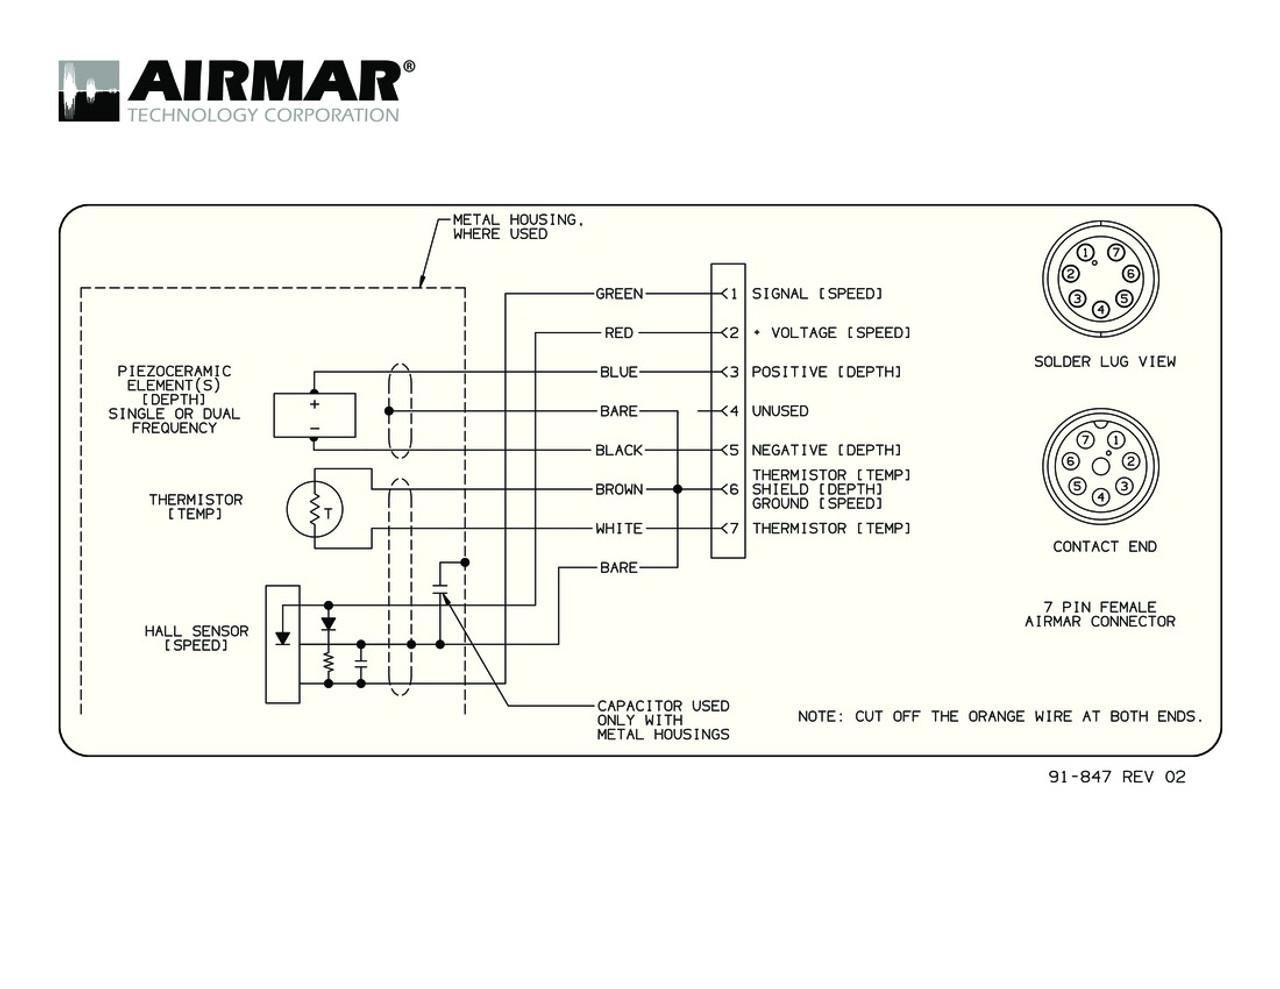 Garmin Gps Wiring Diagram - Wiring Diagram Data on garmin gps power supply, garmin nuvi wiring diagram, garmin 541s wiring diagram, garmin radar wiring diagram, garmin 740s wiring diagram, garmin gps repair, garmin fishfinder wiring diagram, garmin gps serial number, garmin gps plug, garmin 172c wiring diagram, garmin gps tractor, garmin gpsmap wiring diagram, garmin gps parts list, garmin 3210 wiring diagram, garmin gps sensor, calamp gps wiring diagram, garmin 2010c wiring diagram, garmin nmea 0183 wiring diagram, garmin antenna wiring diagram, garmin gps wire,